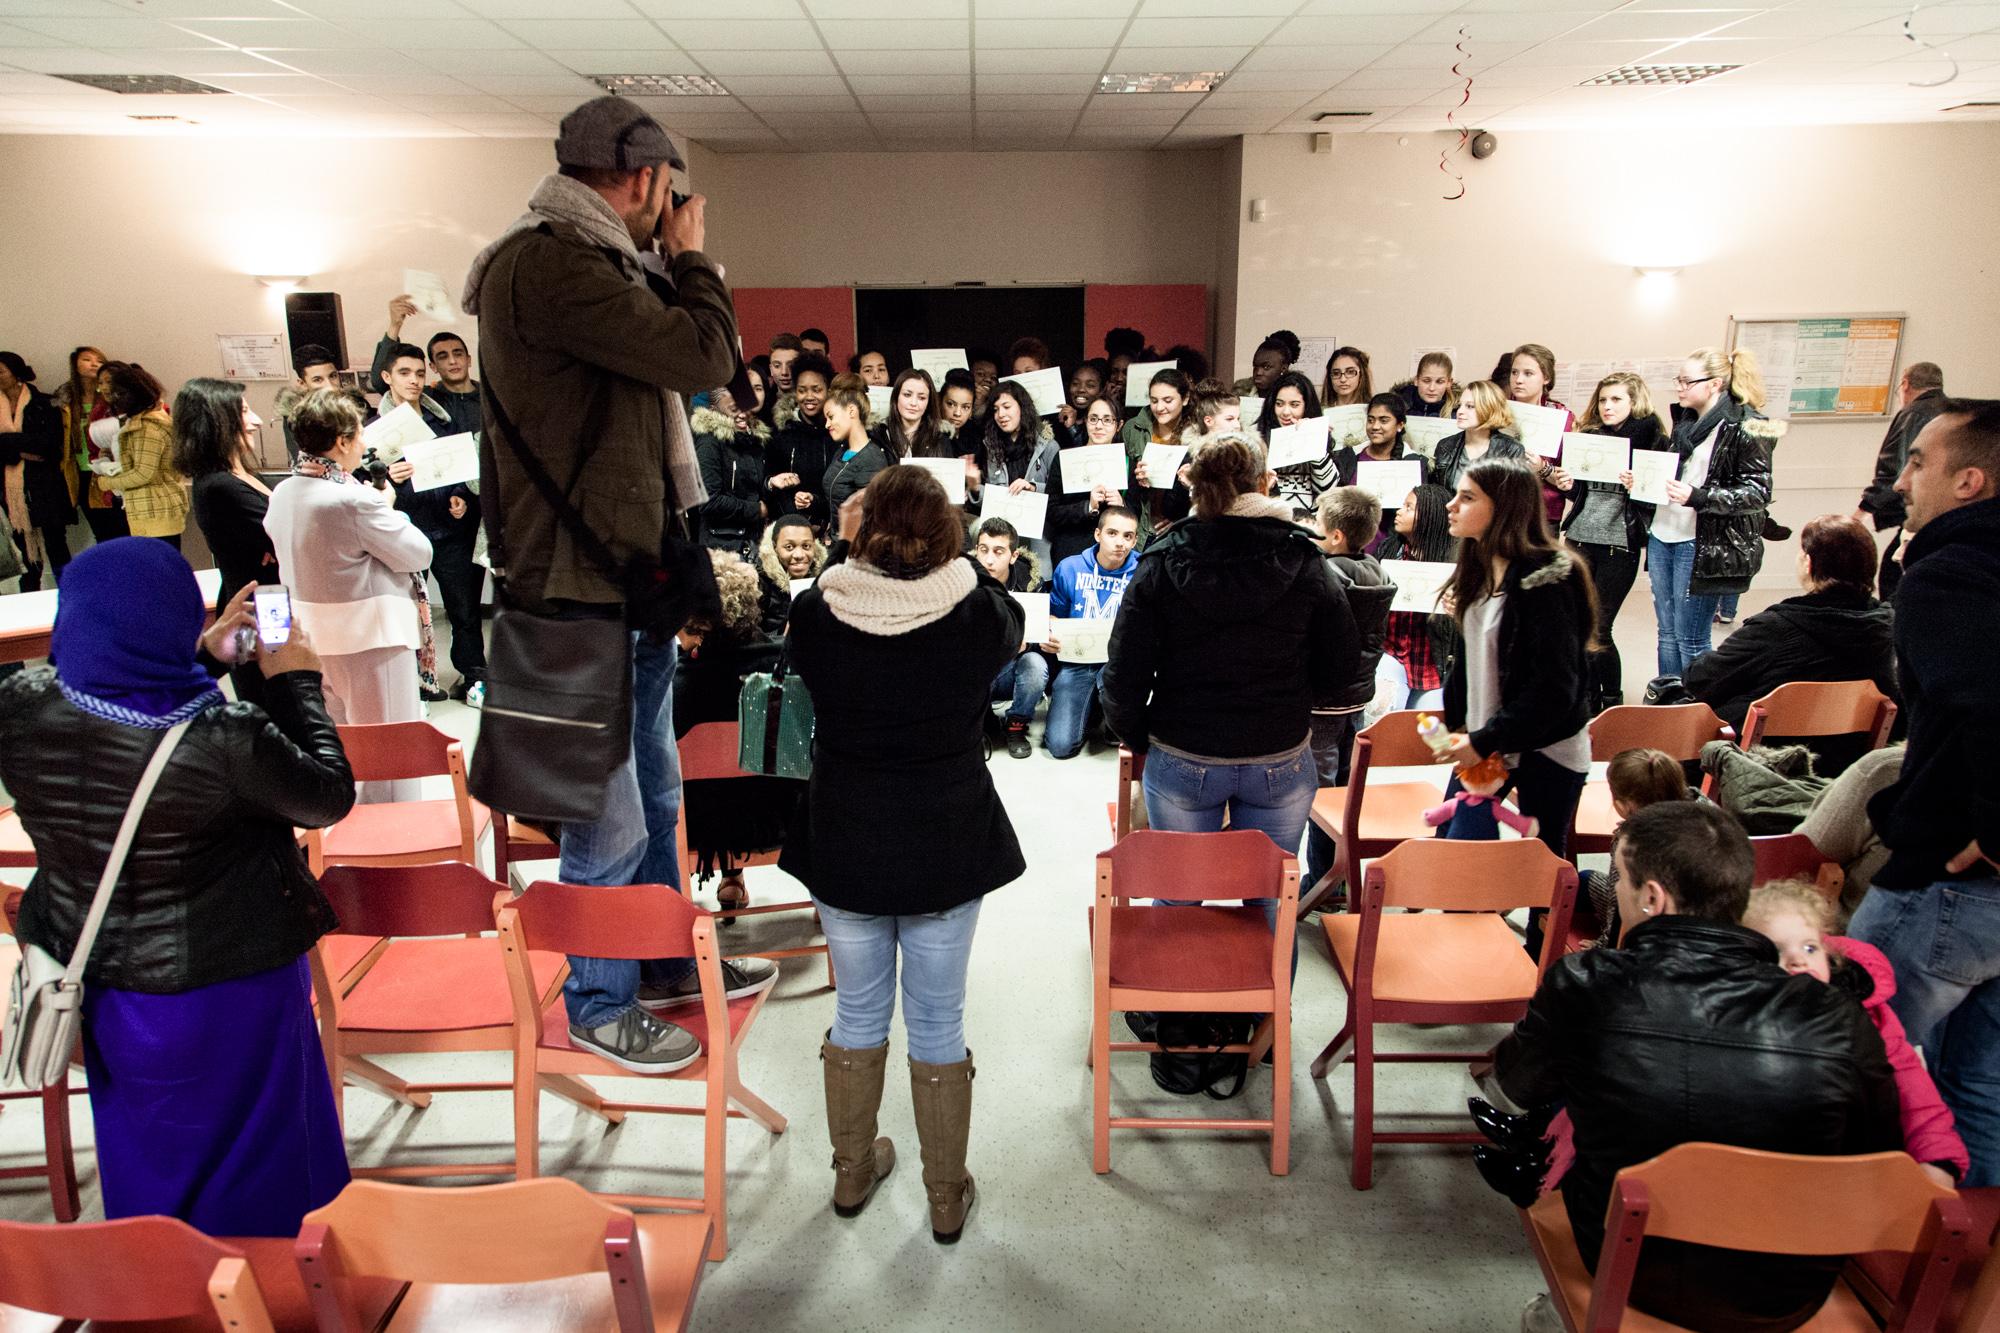 Il est 19h et la remise des diplômes touche à sa fin. C'est l'heure de la photo de groupe pour les parents et la presse locale.  Extrait du projetLes pieds dans la Franceco-réalisé avecStéphane DouléetCamille Millerand.   http://www.unpieddanslafrance.fr/evreux